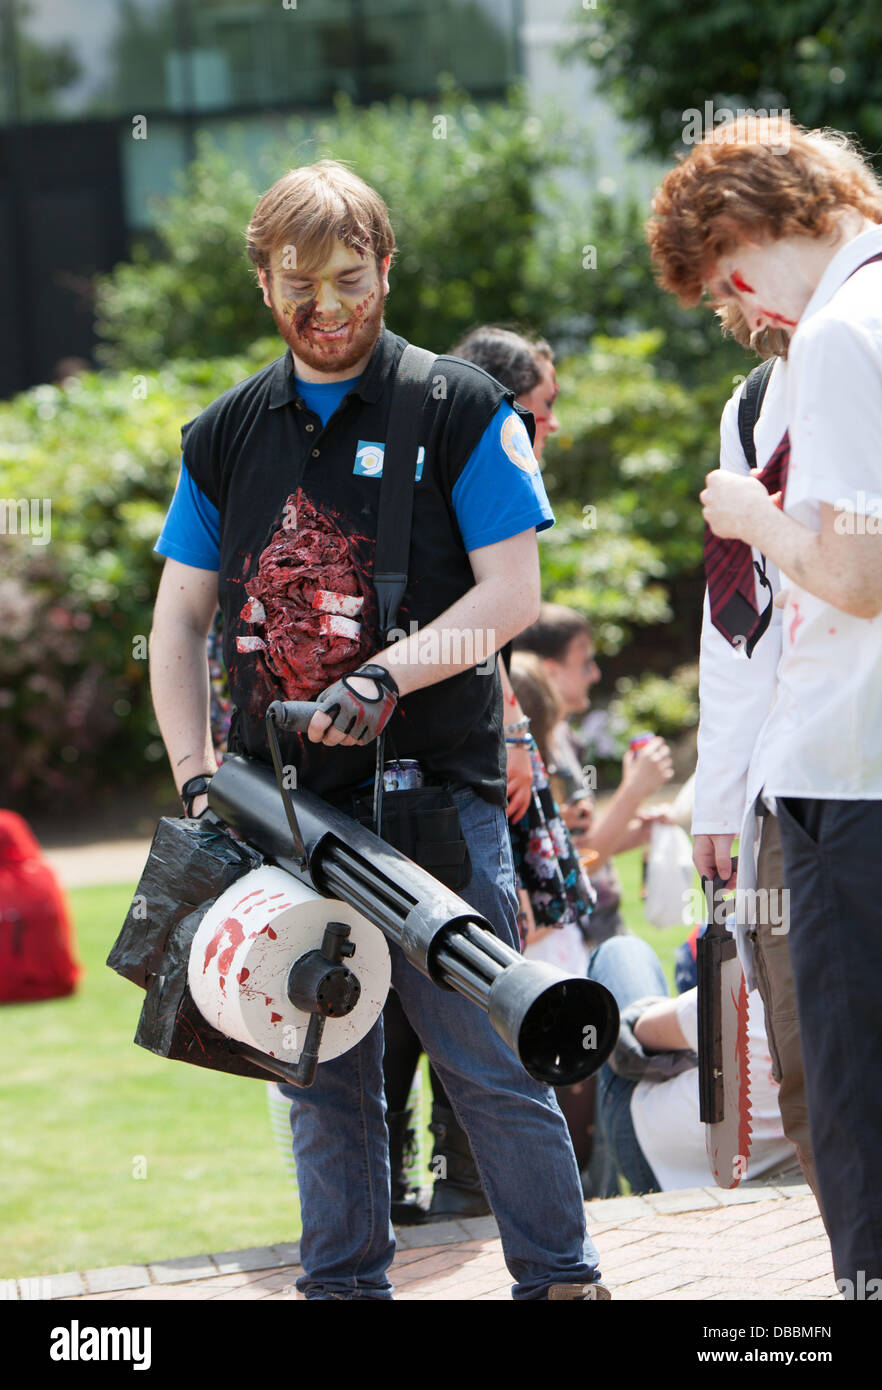 Birmingham, Vereinigtes Königreich. 27. Juli 2013. Tha jährliche Birmingham Zombie Walk nimmt Plaace in Birmingham, Stockfoto